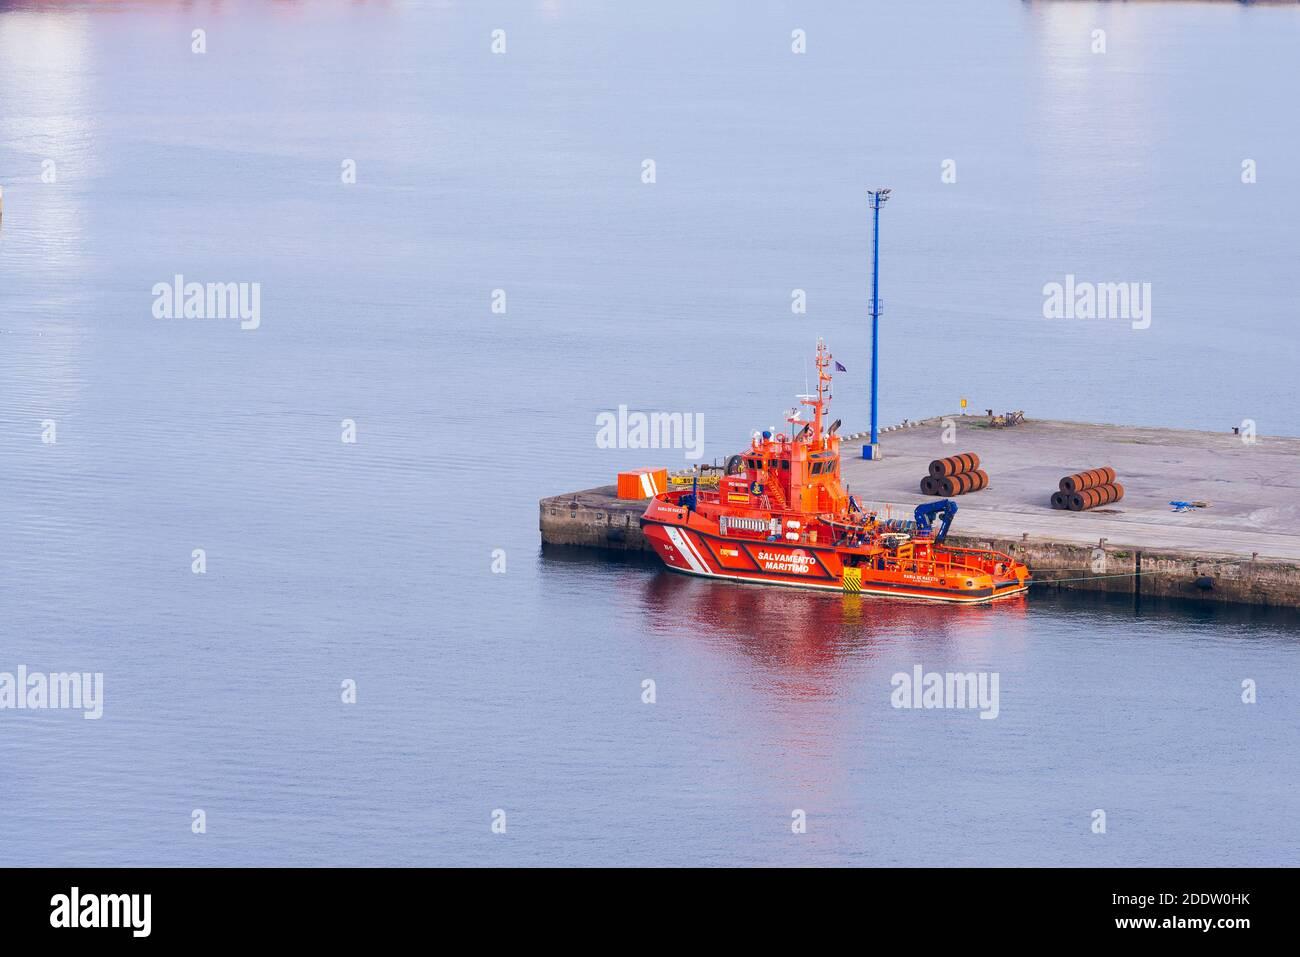 María de Maeztu, barco de rescate marítimo.Sociedad de Salvamento y Seguridad Marítima. El Musel, Gijón, Principado de Asturias, España, Europa Foto de stock